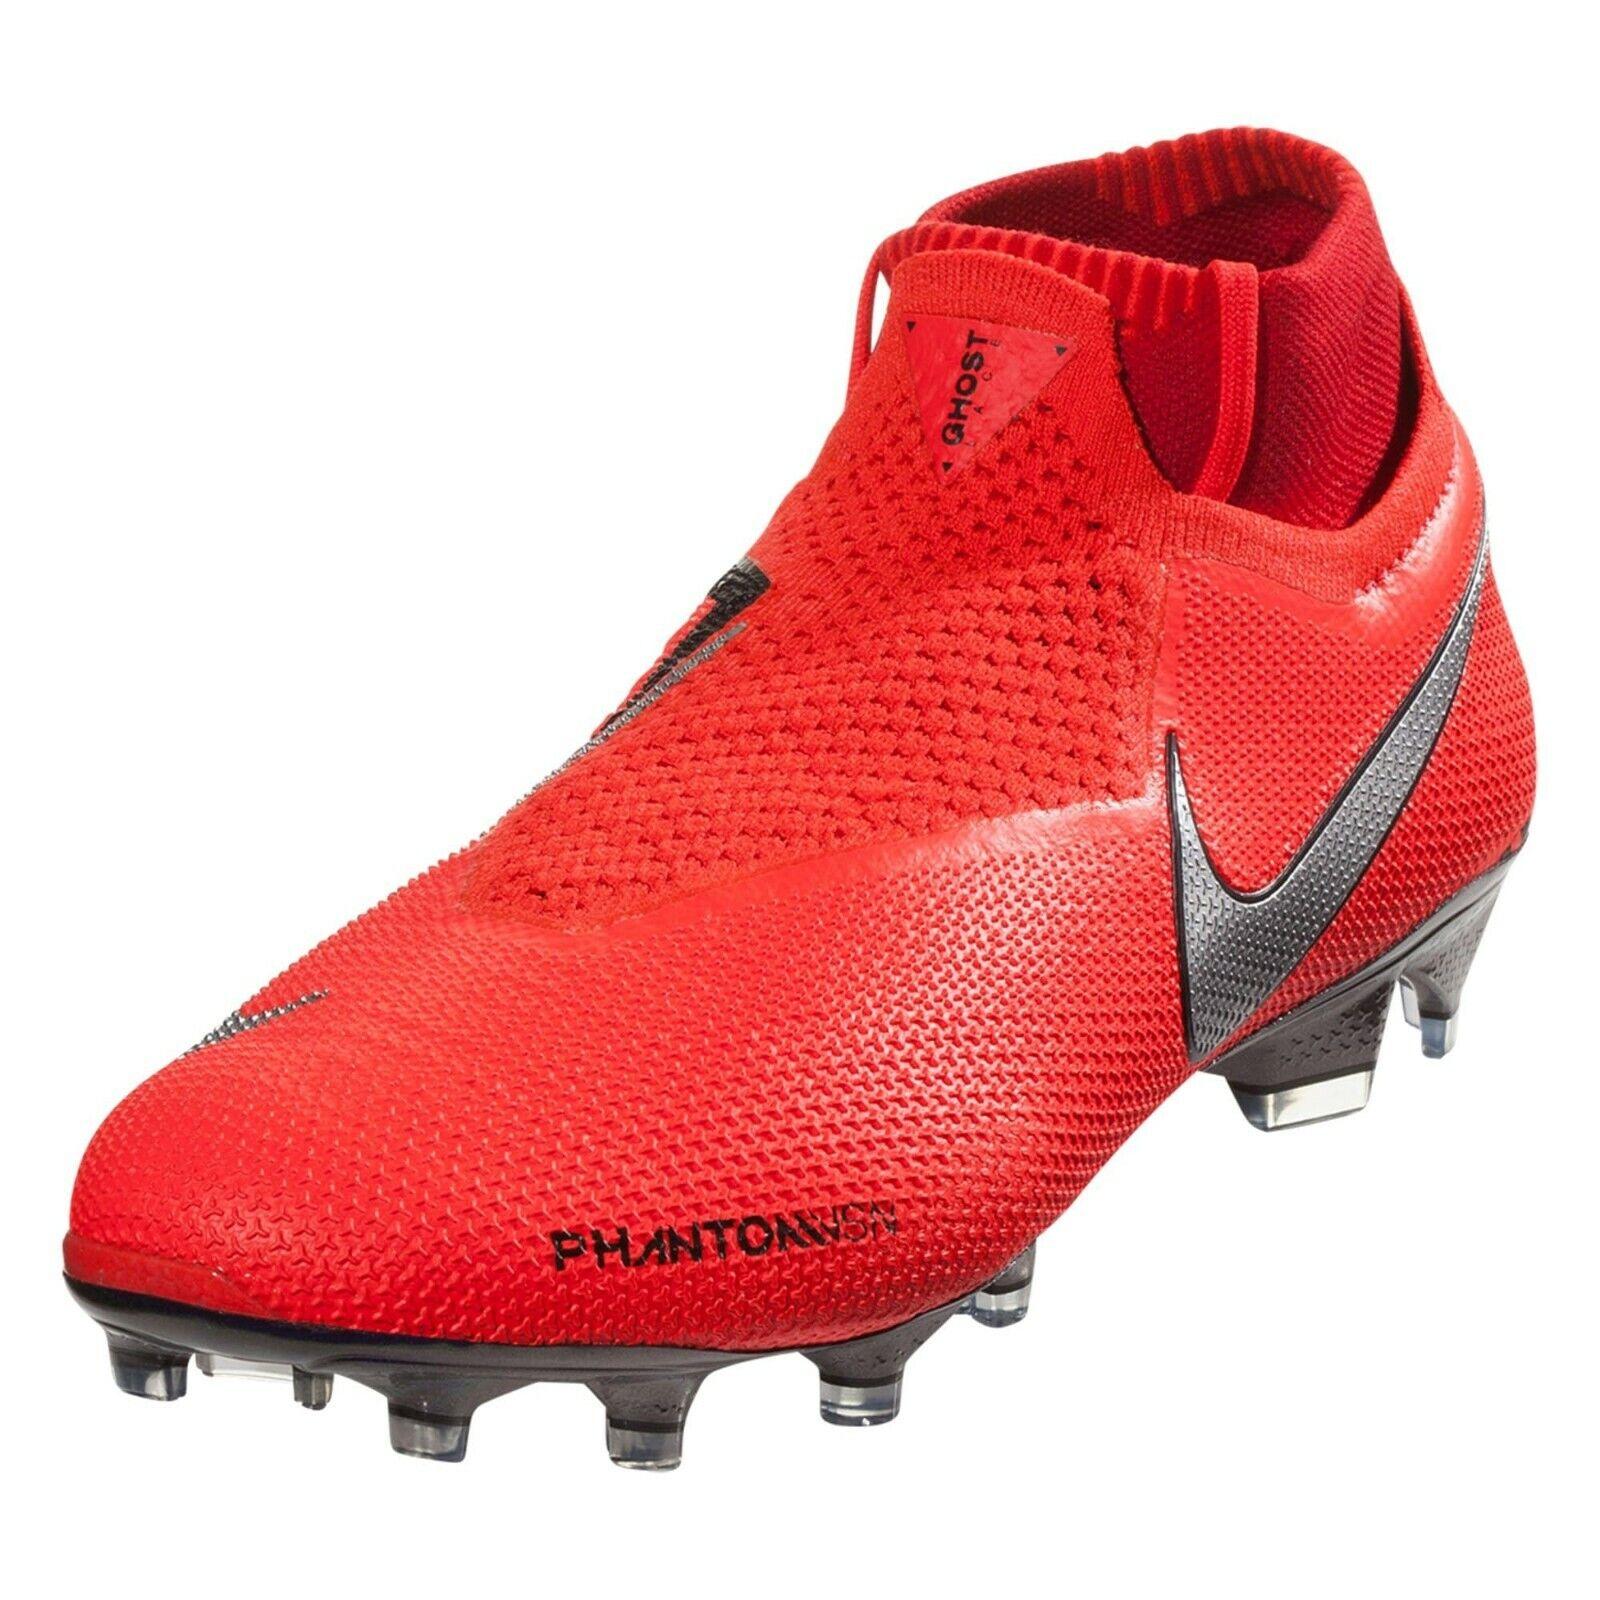 Nike Phantom Vision Elite DF FG ACC